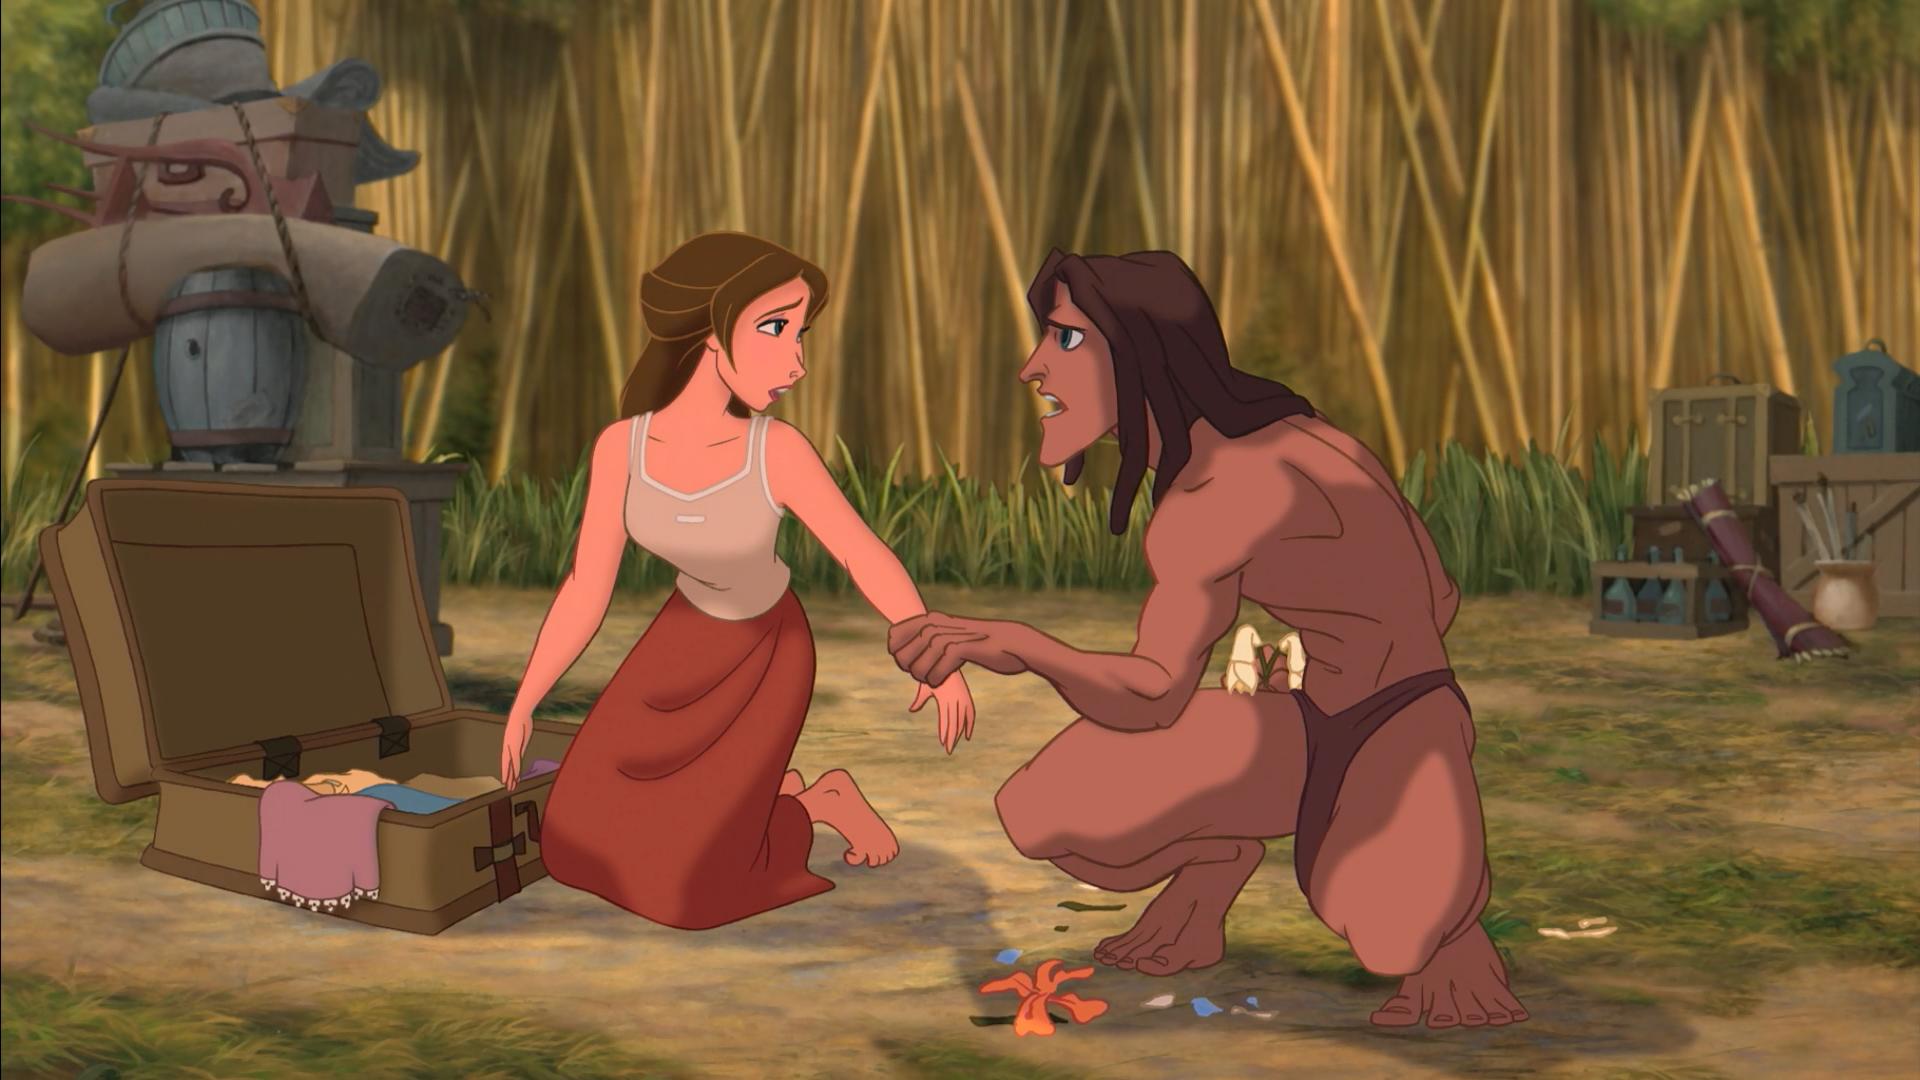 [BD] Tarzan (6 juin 2012) - Page 3 4019bacea7bb70f5fbc0fa0a694dc9b4